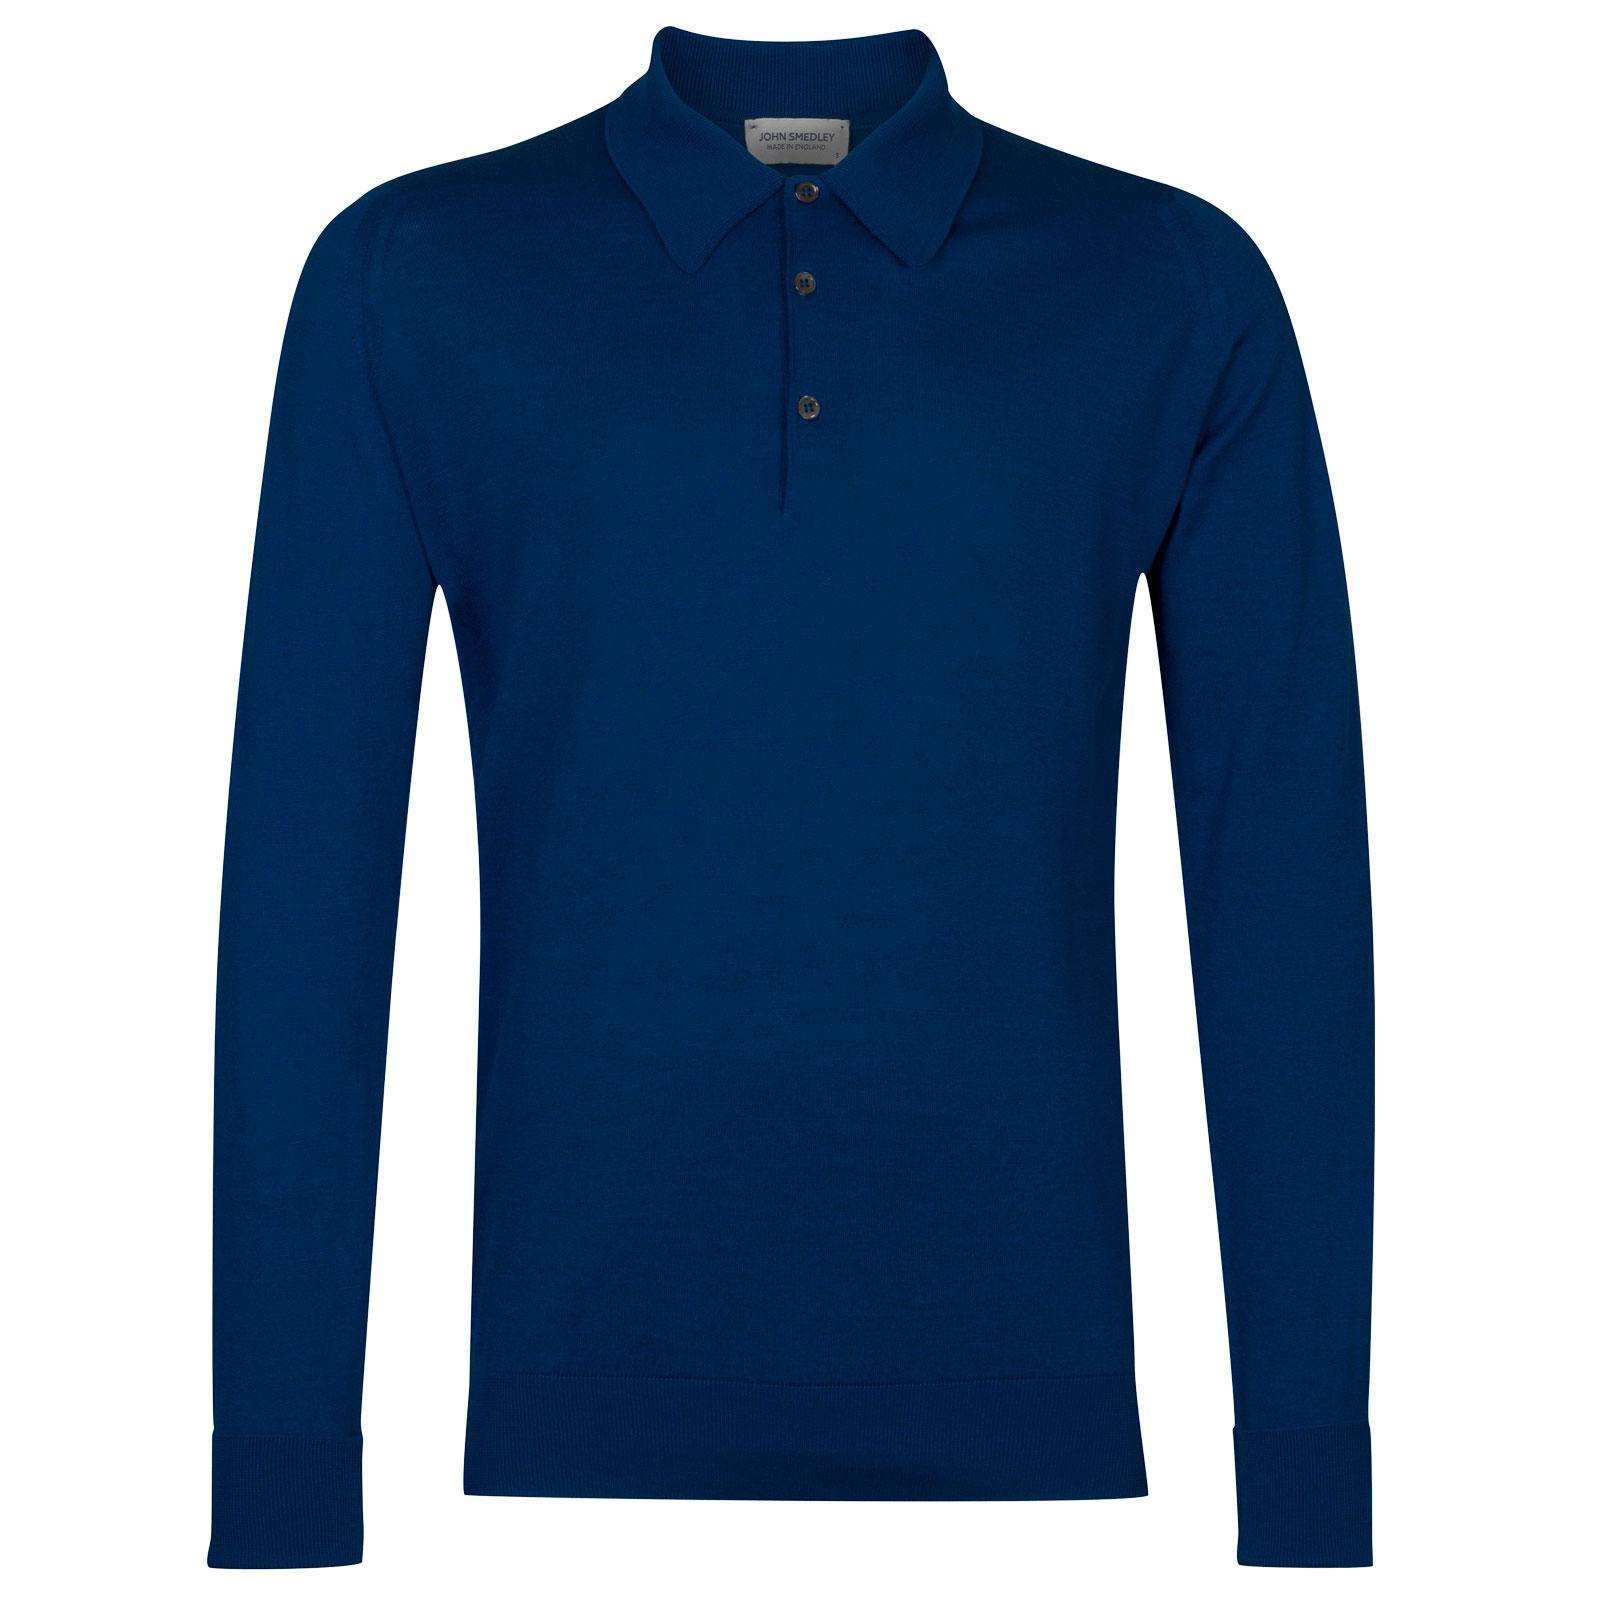 finchley-stevens-blue-Xl